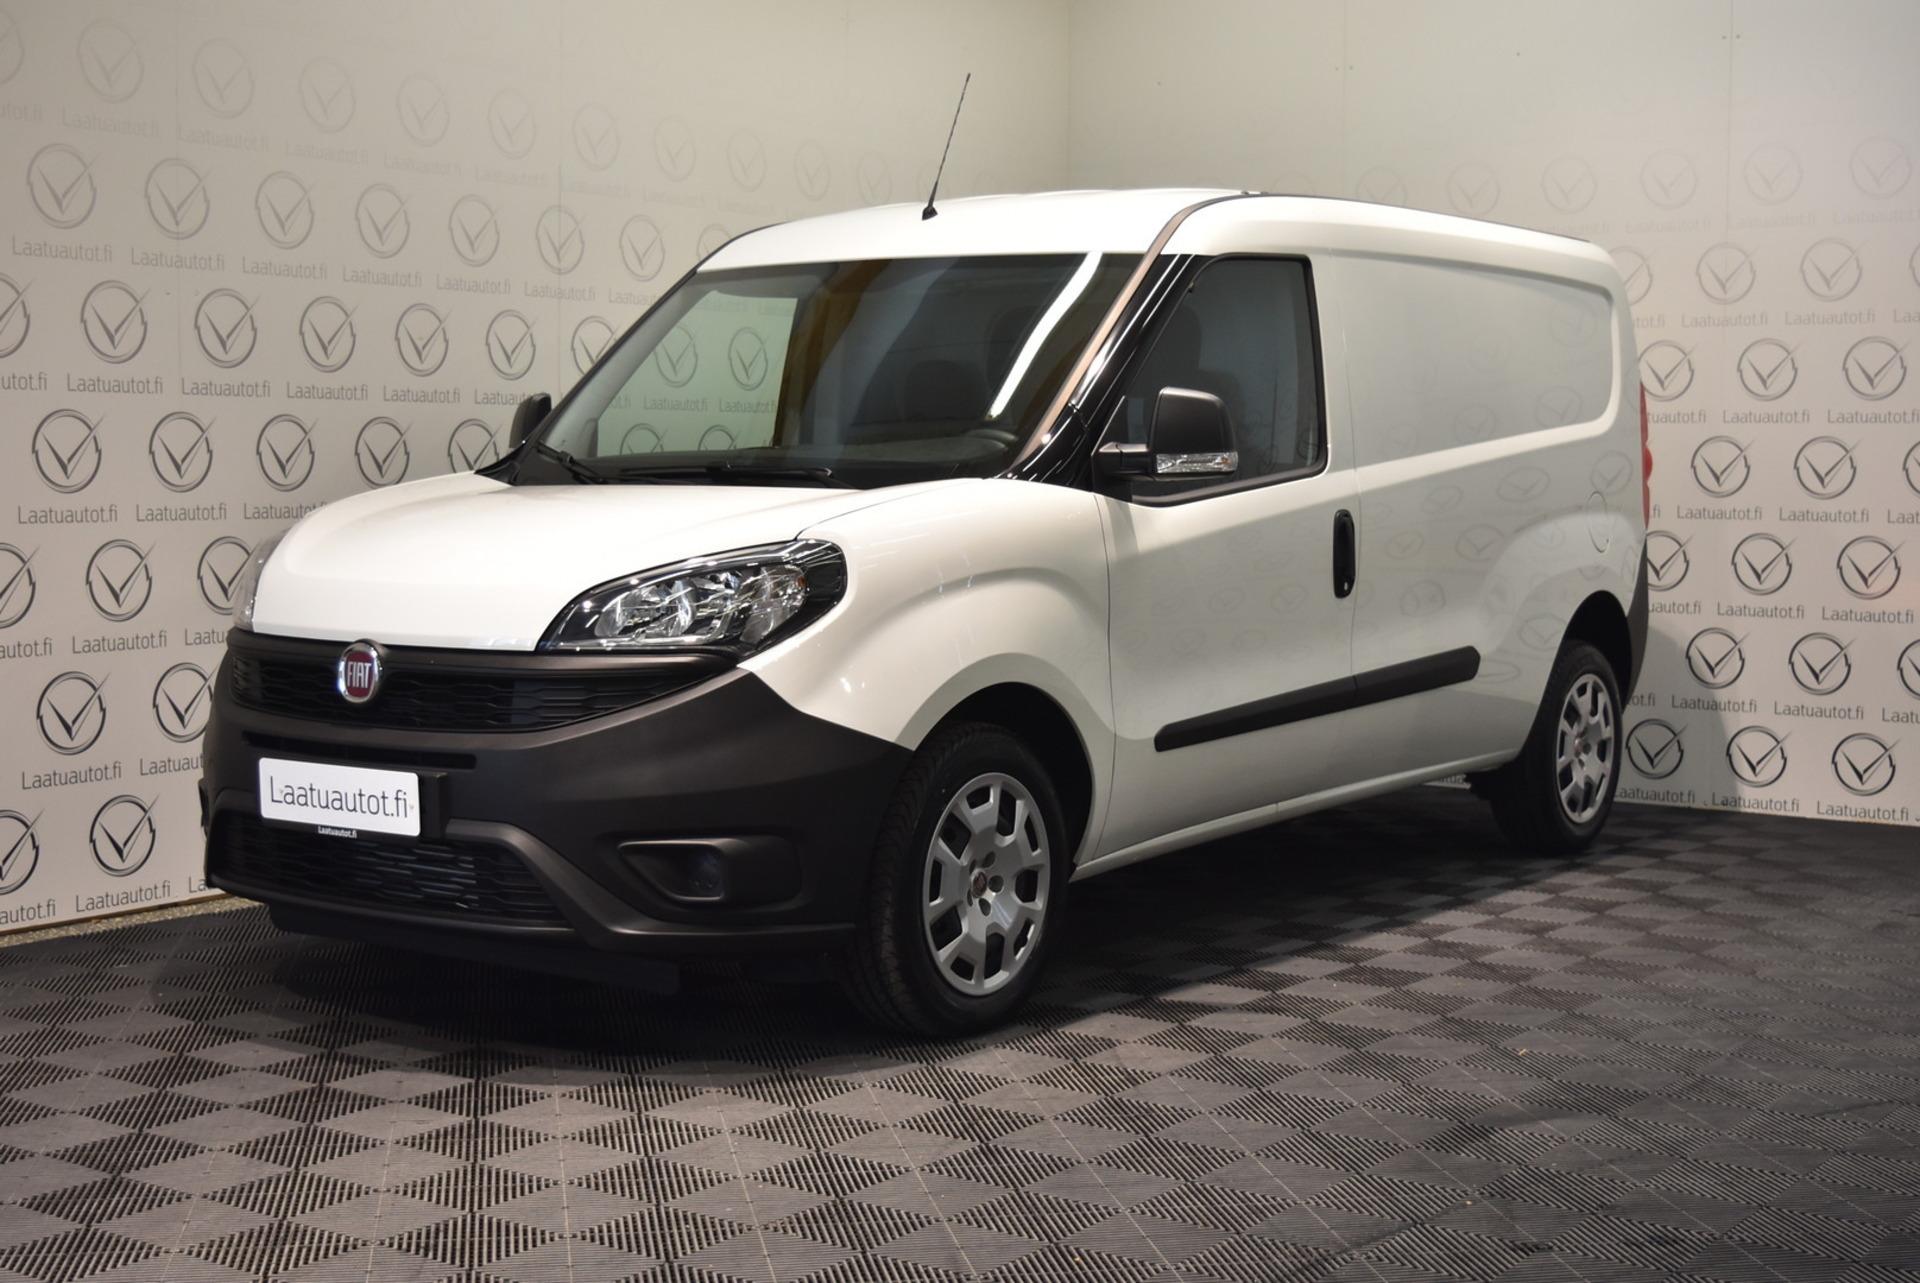 FIAT DOBLÒ Cargo L2 1, 3 Multijet II 95 1+2 - Uusi auto nopeaan toimitukseen, Jopa ilman käsirahaa,  Kysy edullinen rahoitus!